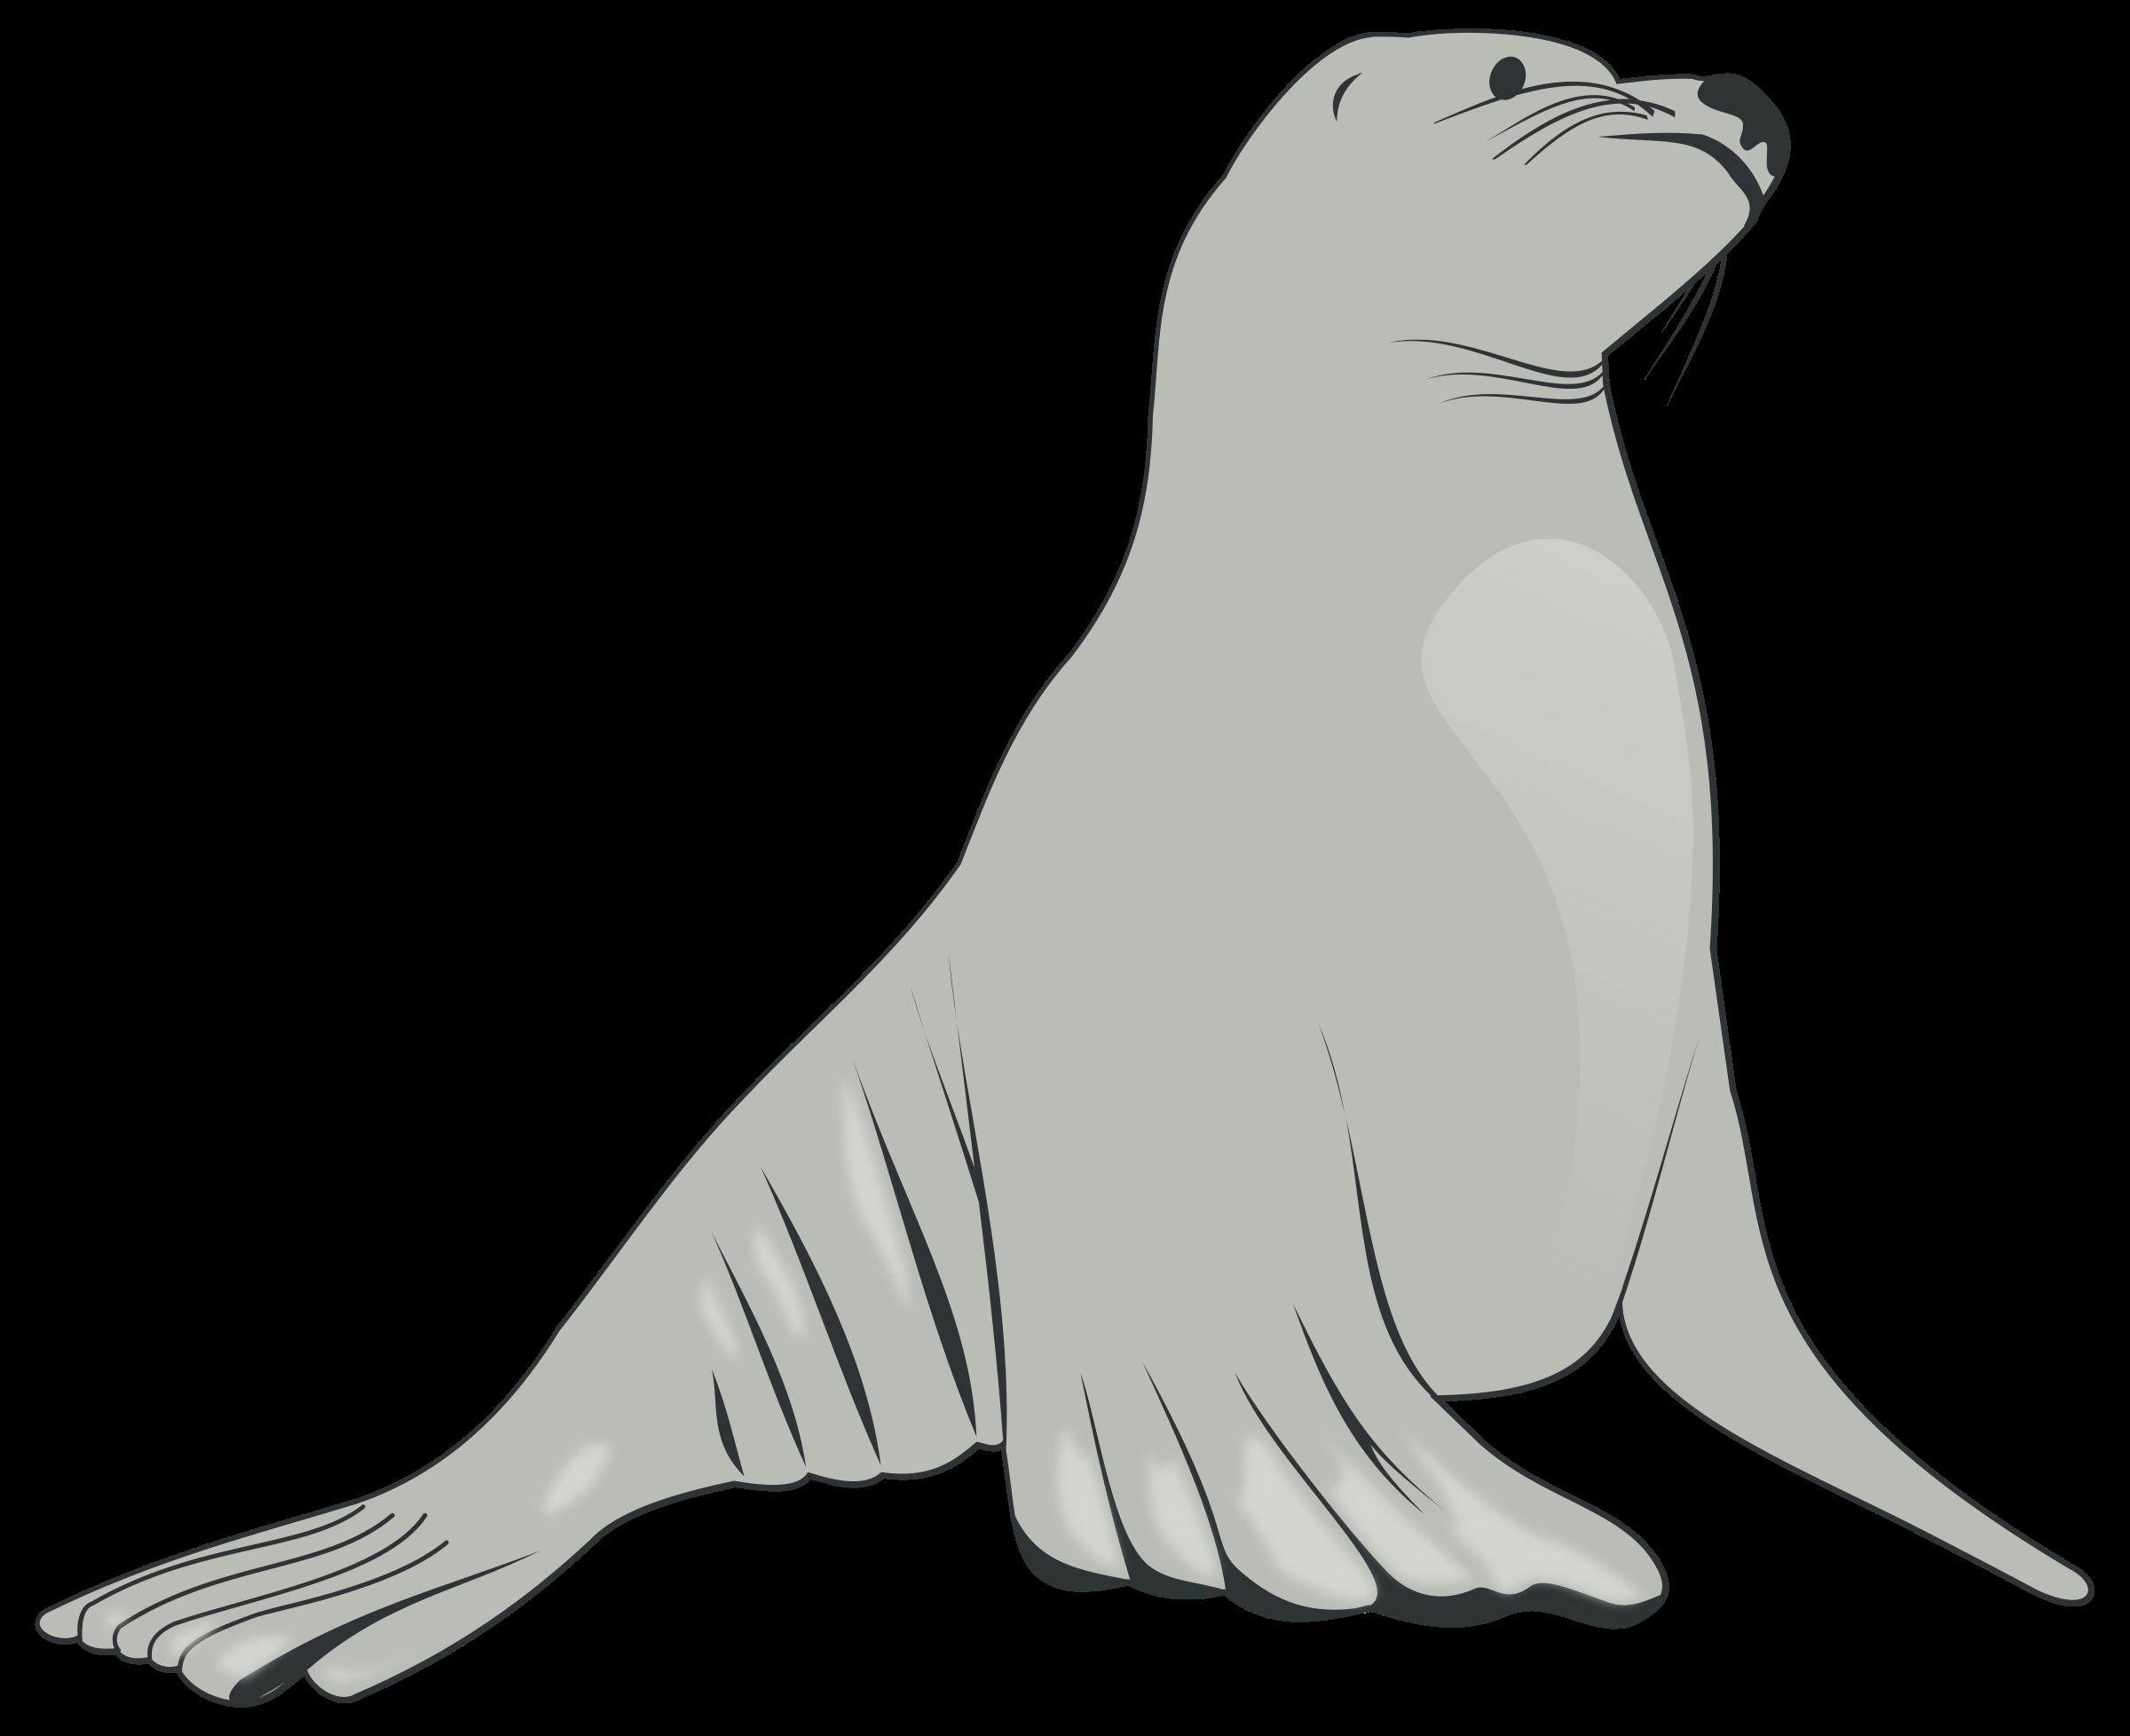 Walrus clipart transparent background sea creature. Lion